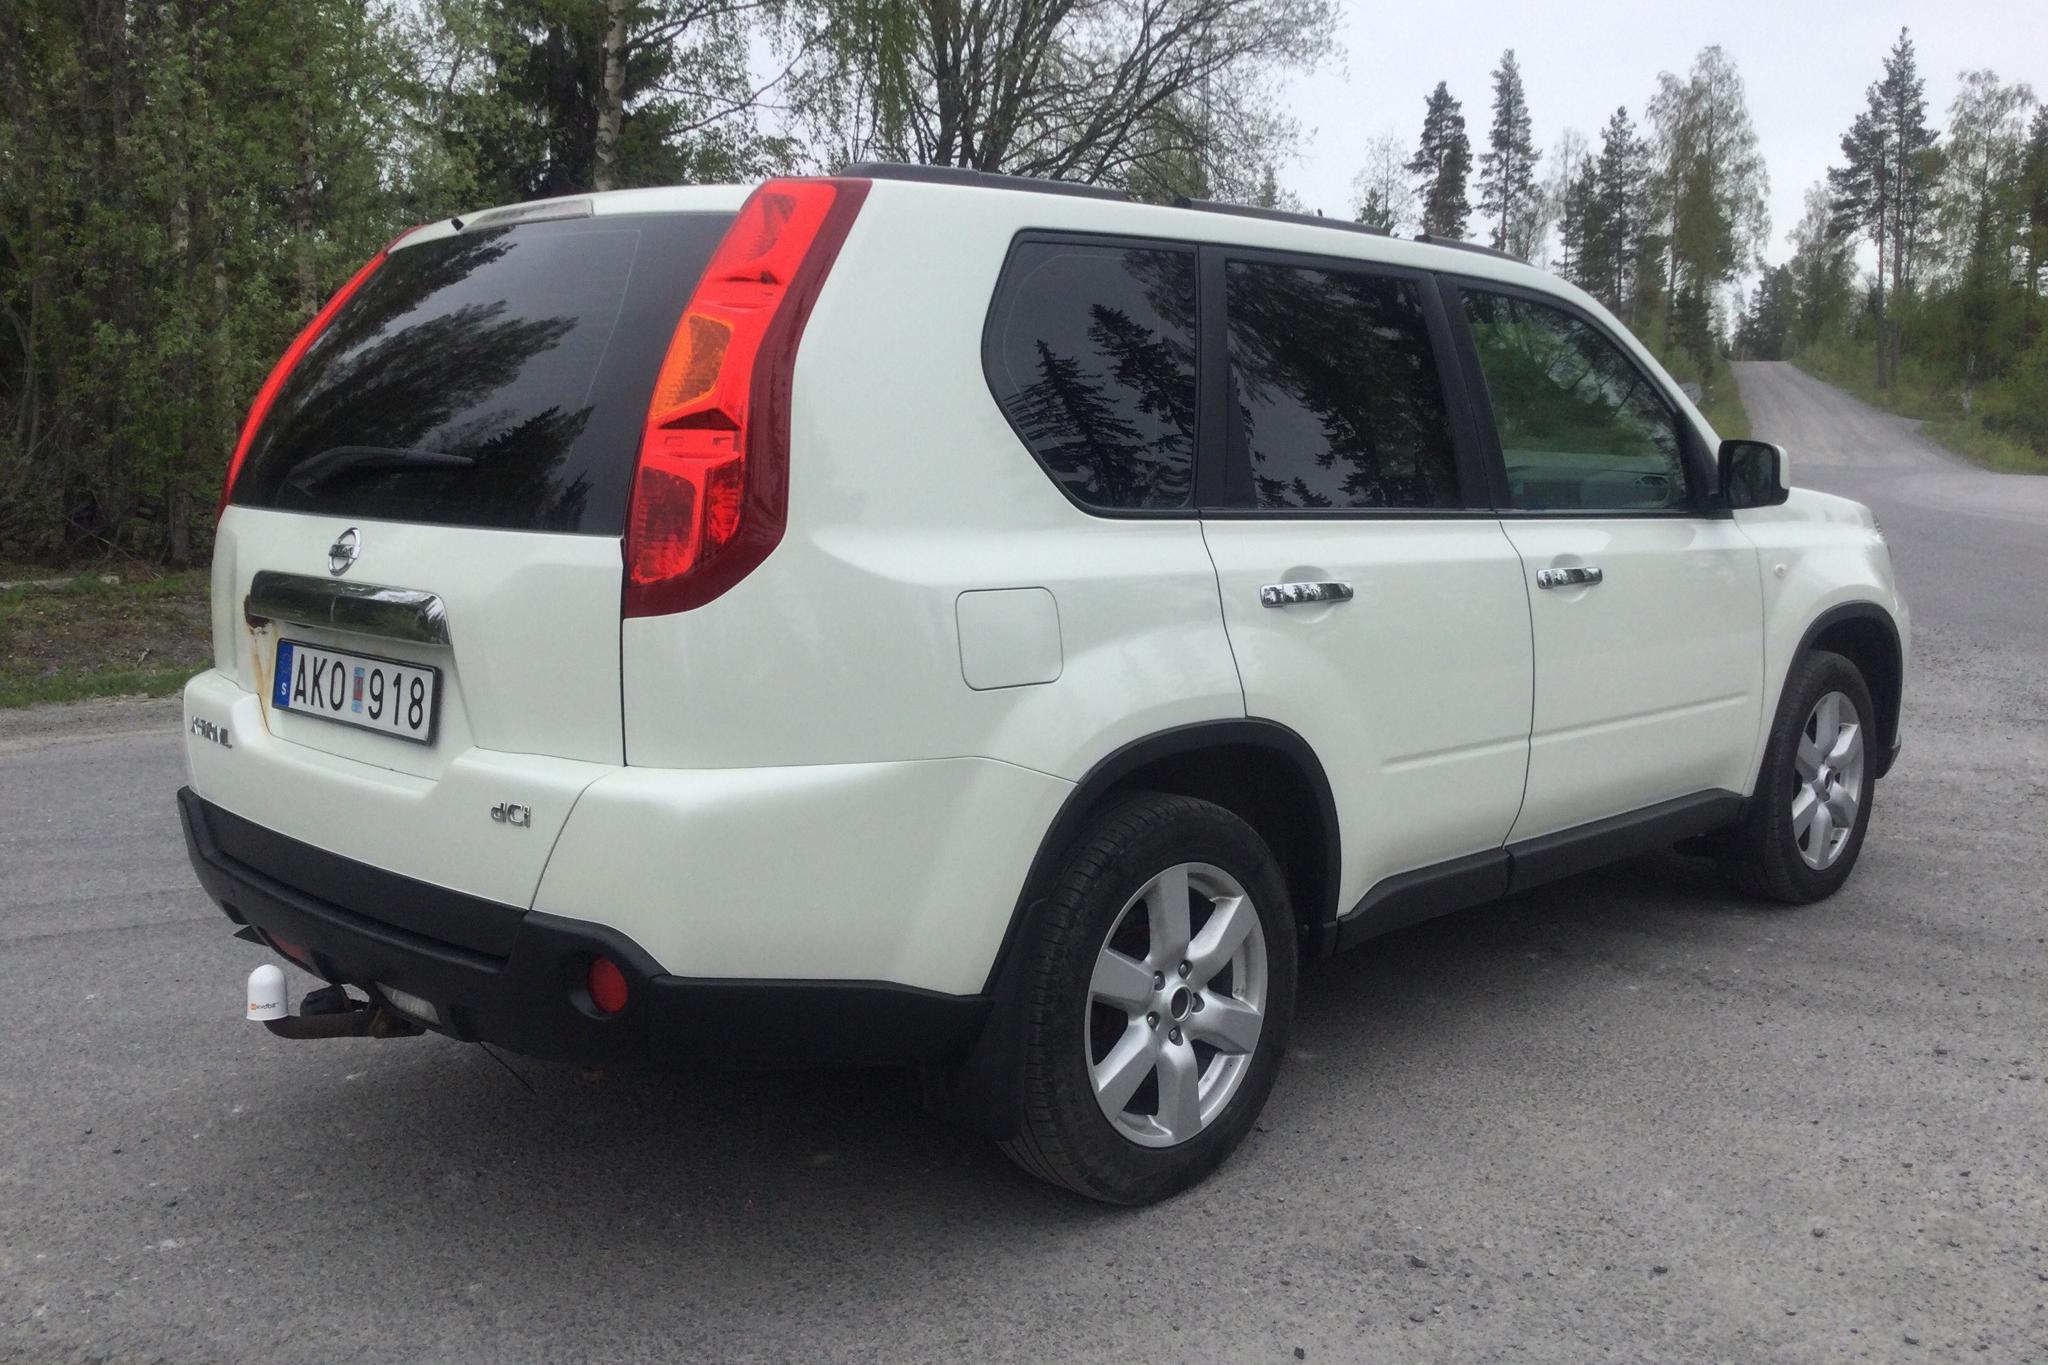 Nissan X-trail 2.0 dCi (150hk) - 29 989 mil - Manuell - vit - 2010